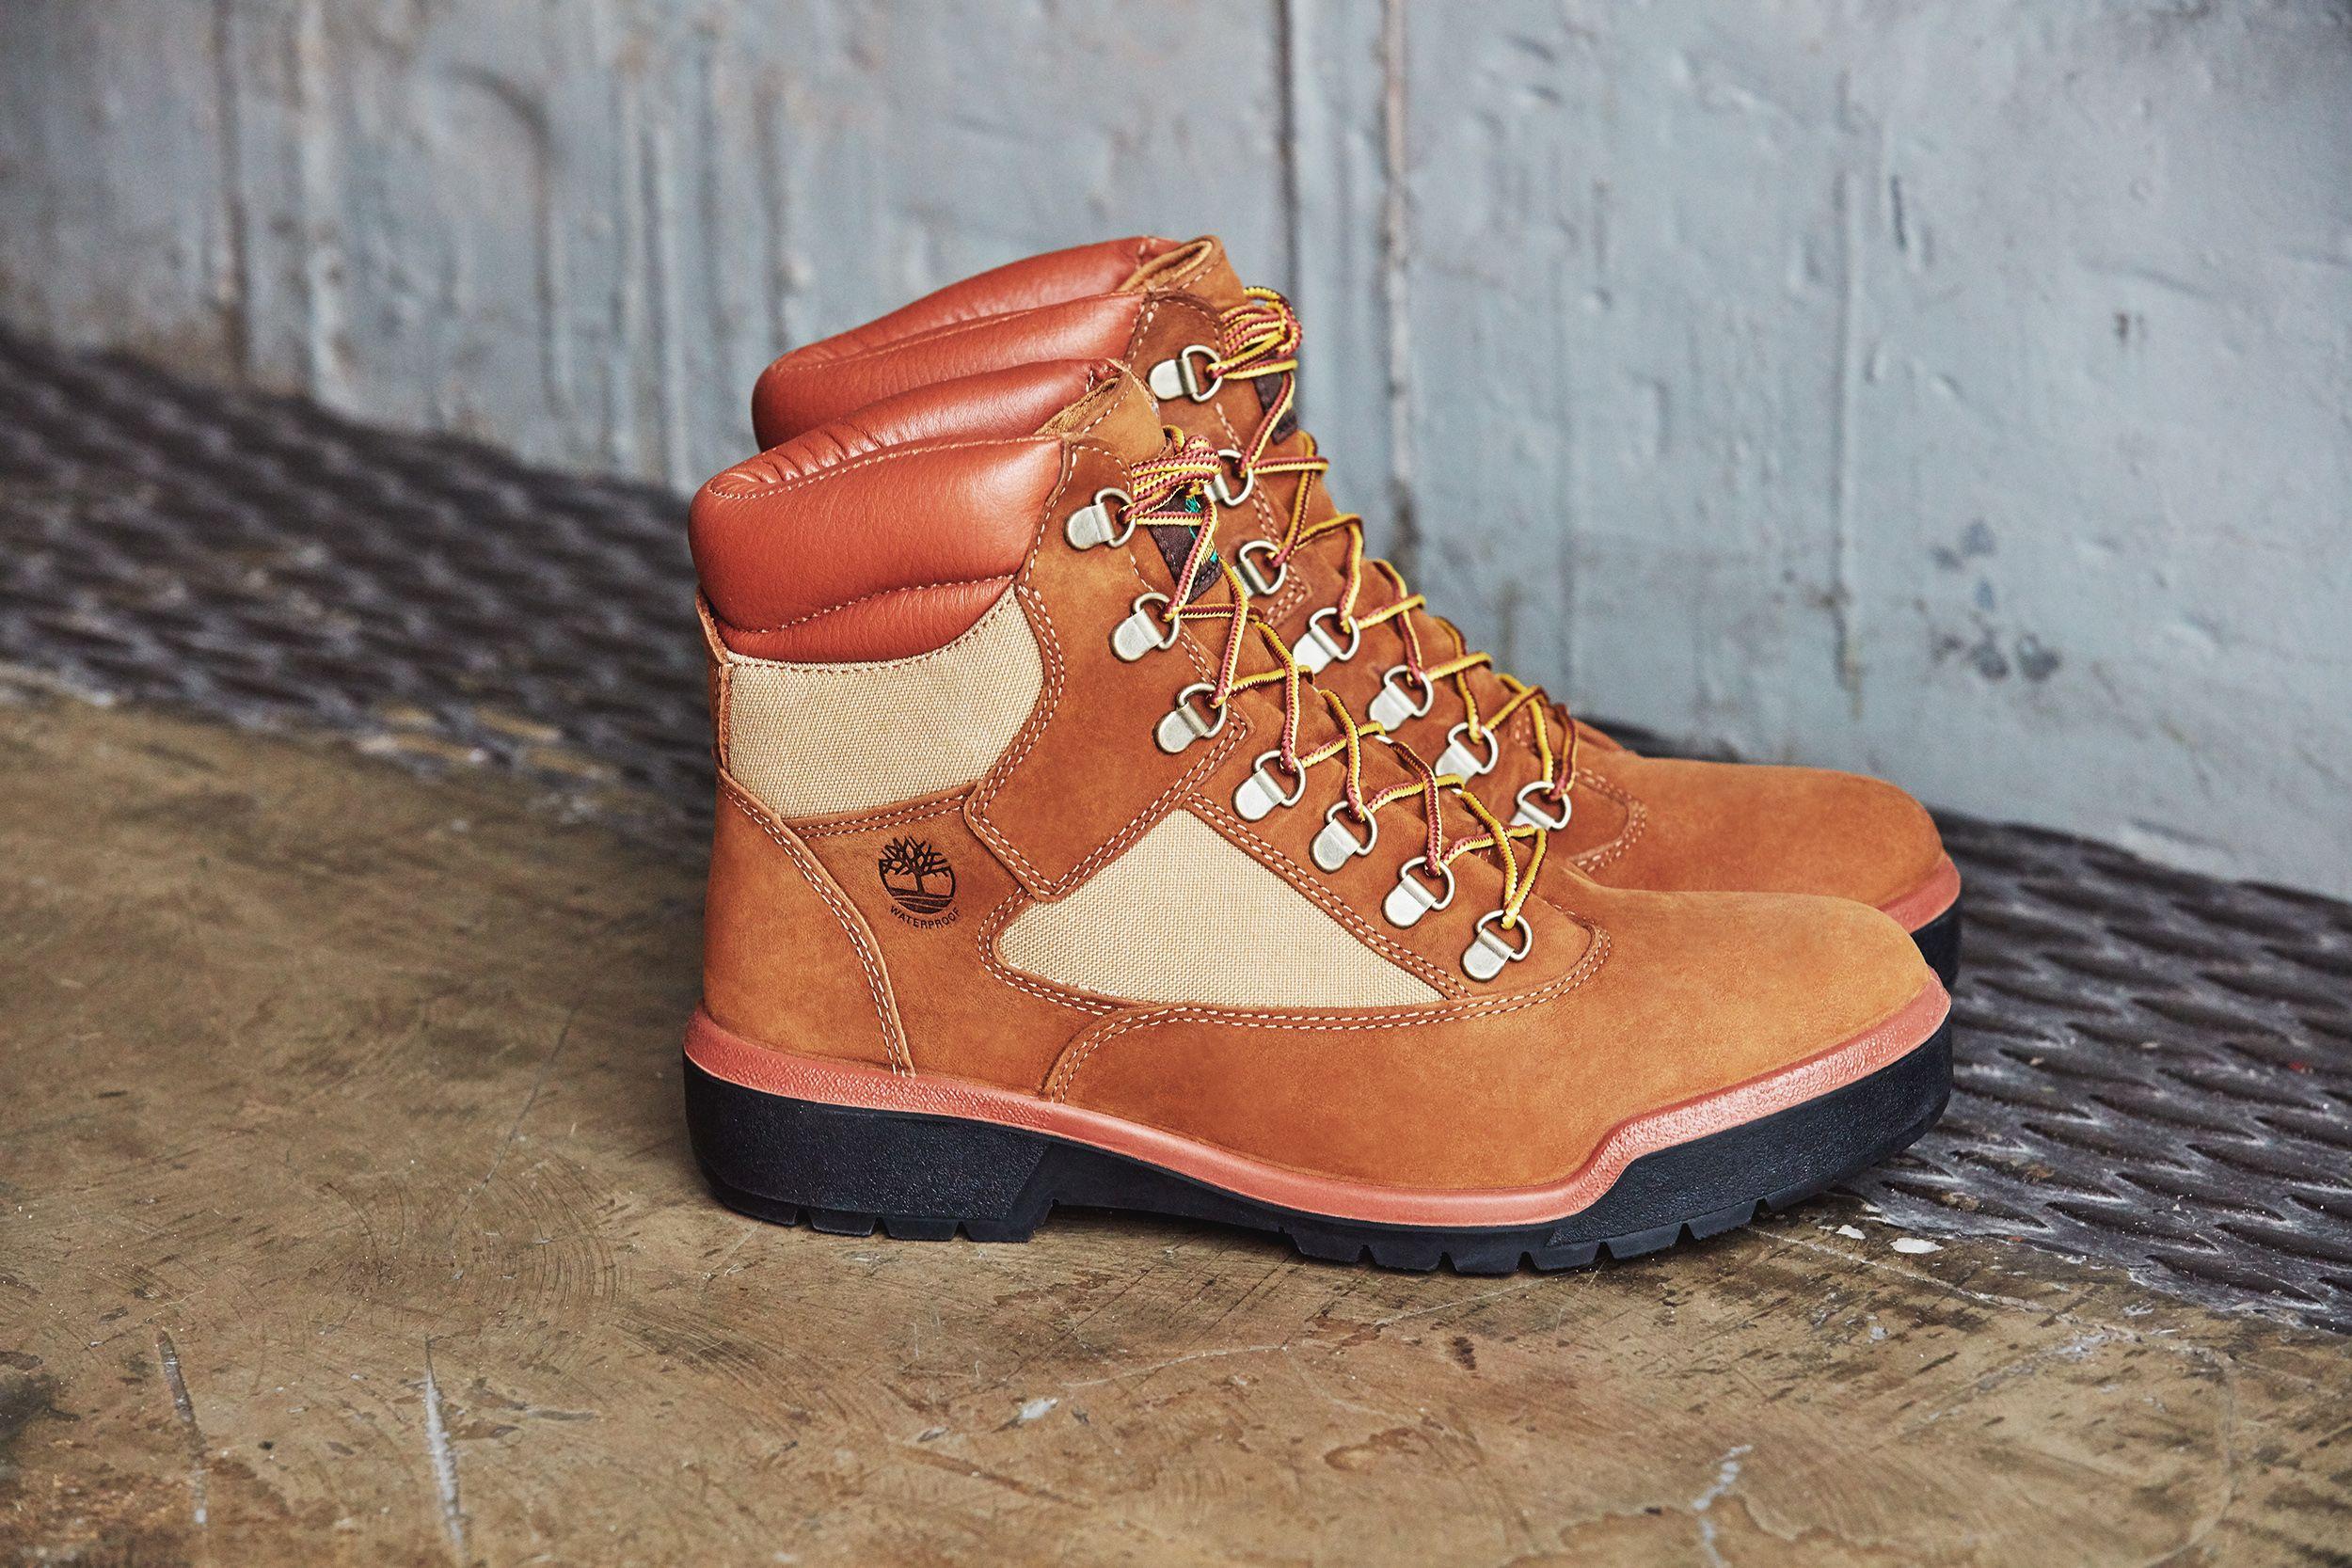 Men's 6-Inch Waterproof Field Boots